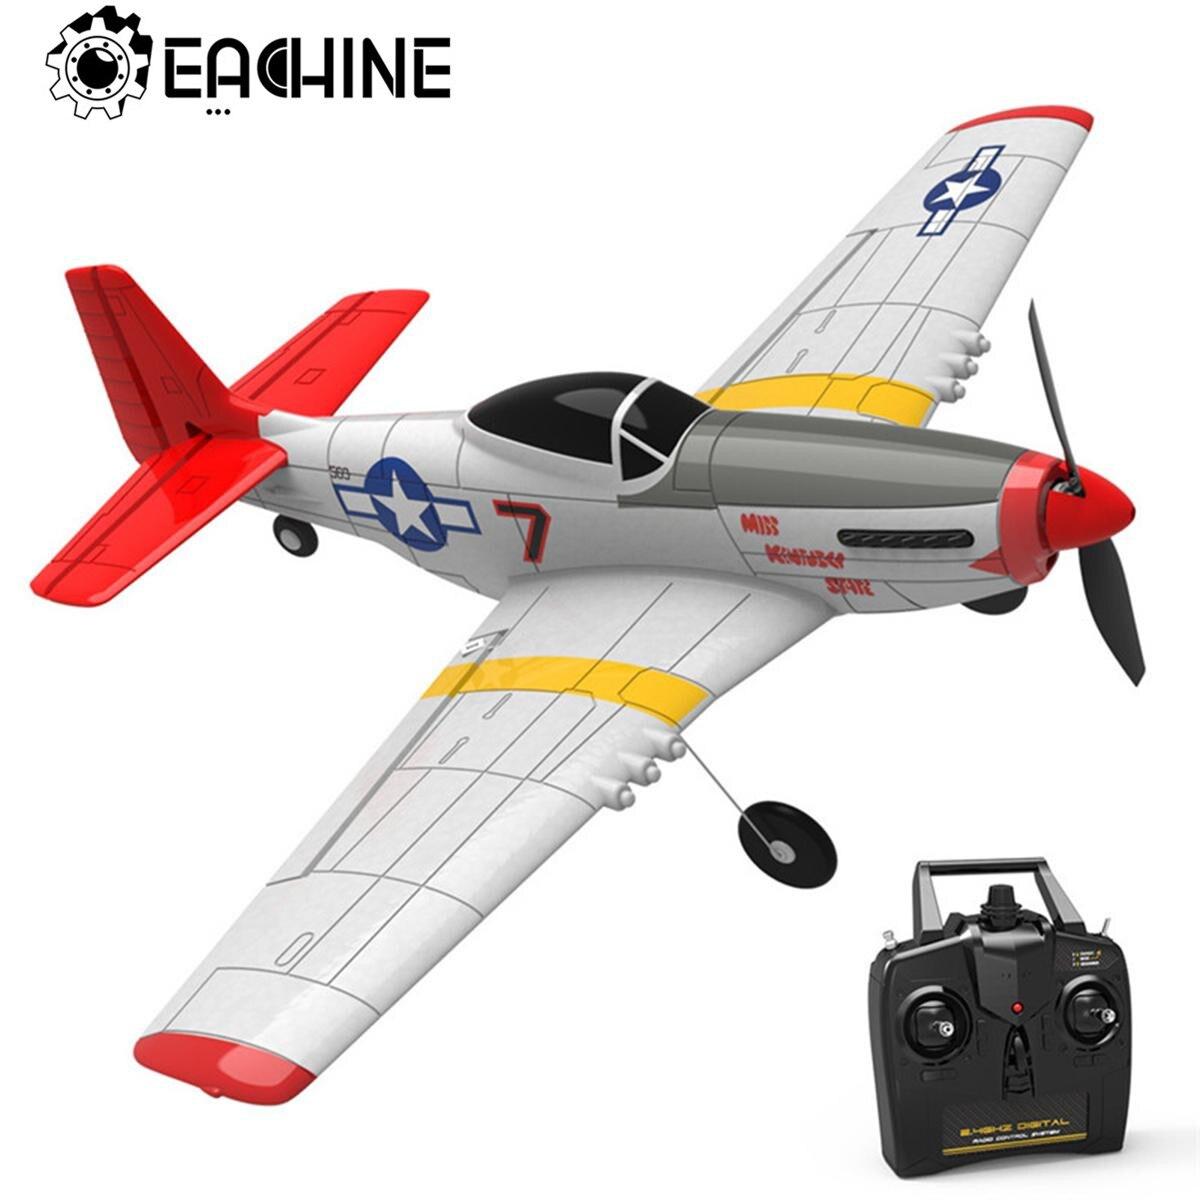 Eachine البسيطة P-51D EPP 400 مللي متر جناحيها 2.4G 6-محور الكهربائية RC طائرة المدرب 14 دقيقة المعركة الوقت ثابتة الجناح RTF للمبتدئين